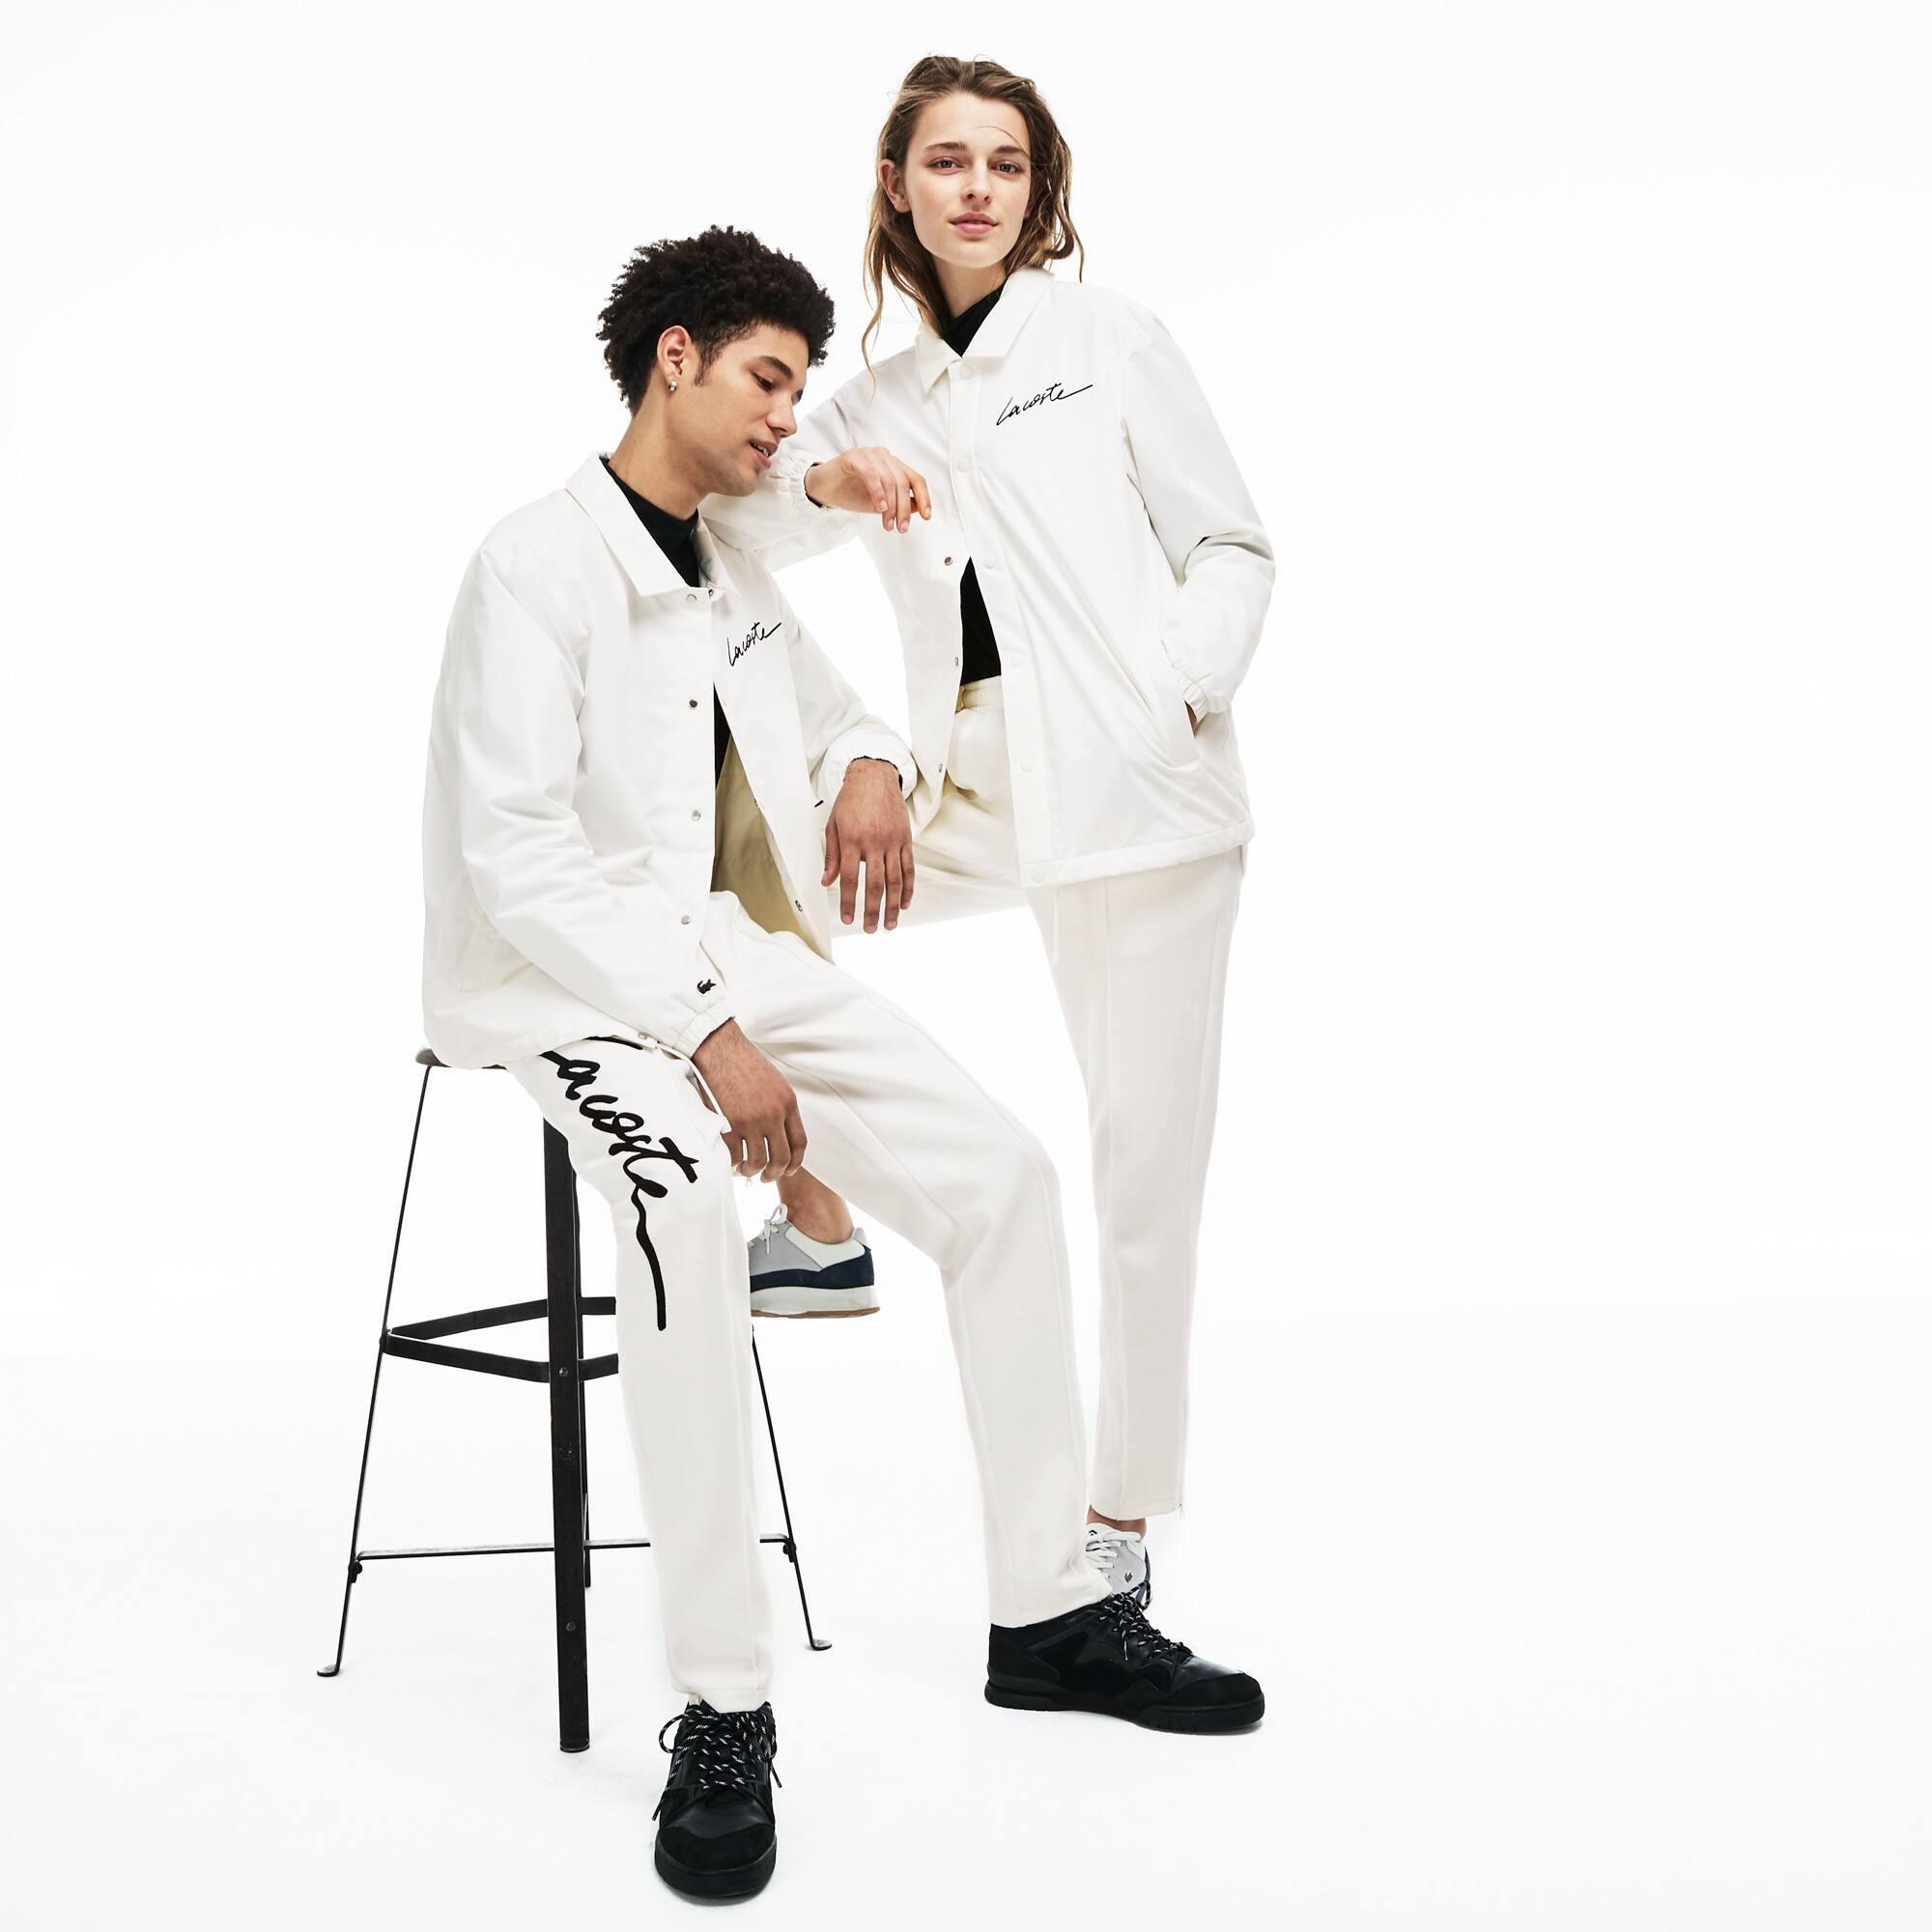 Lacoste Blousons Manteaux amp; Vêtements Homme I4PxwqzP